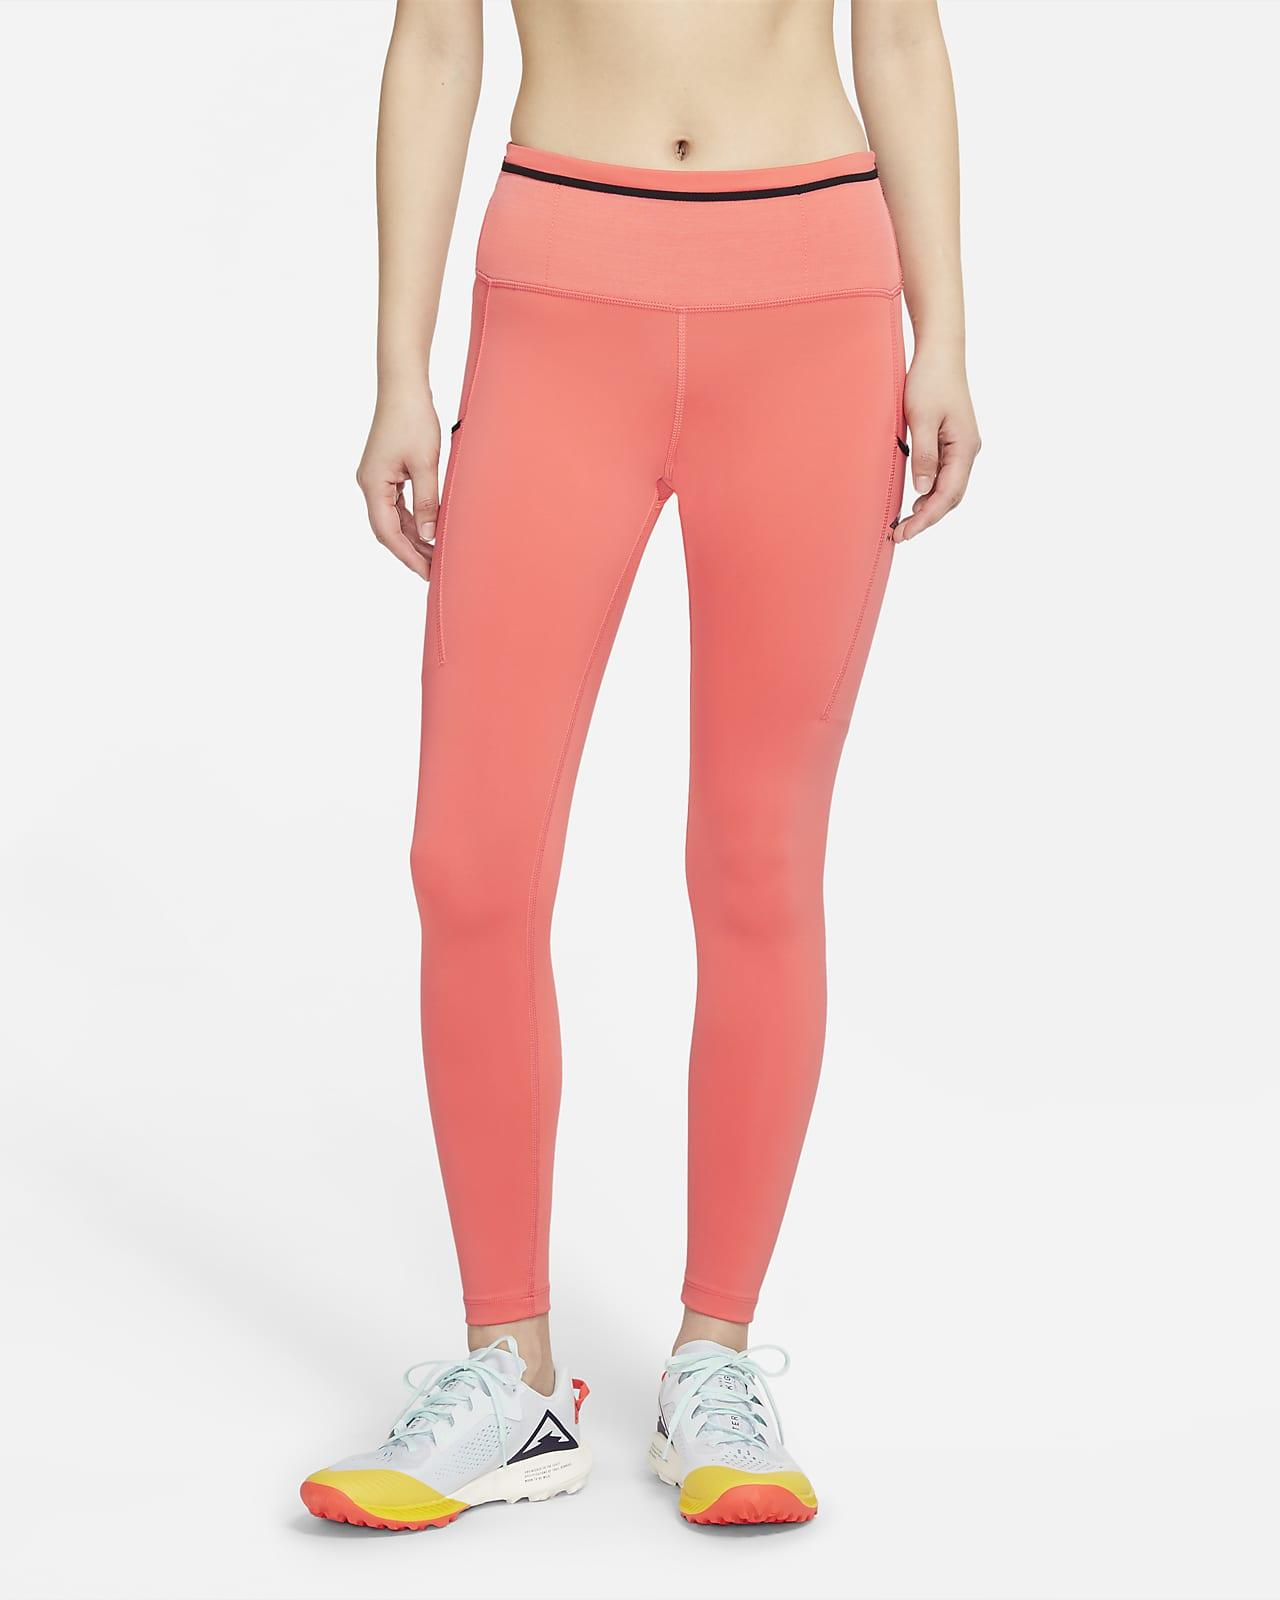 เลกกิ้งวิ่งเทรลเอวปานกลางผู้หญิง Nike Epic Luxe